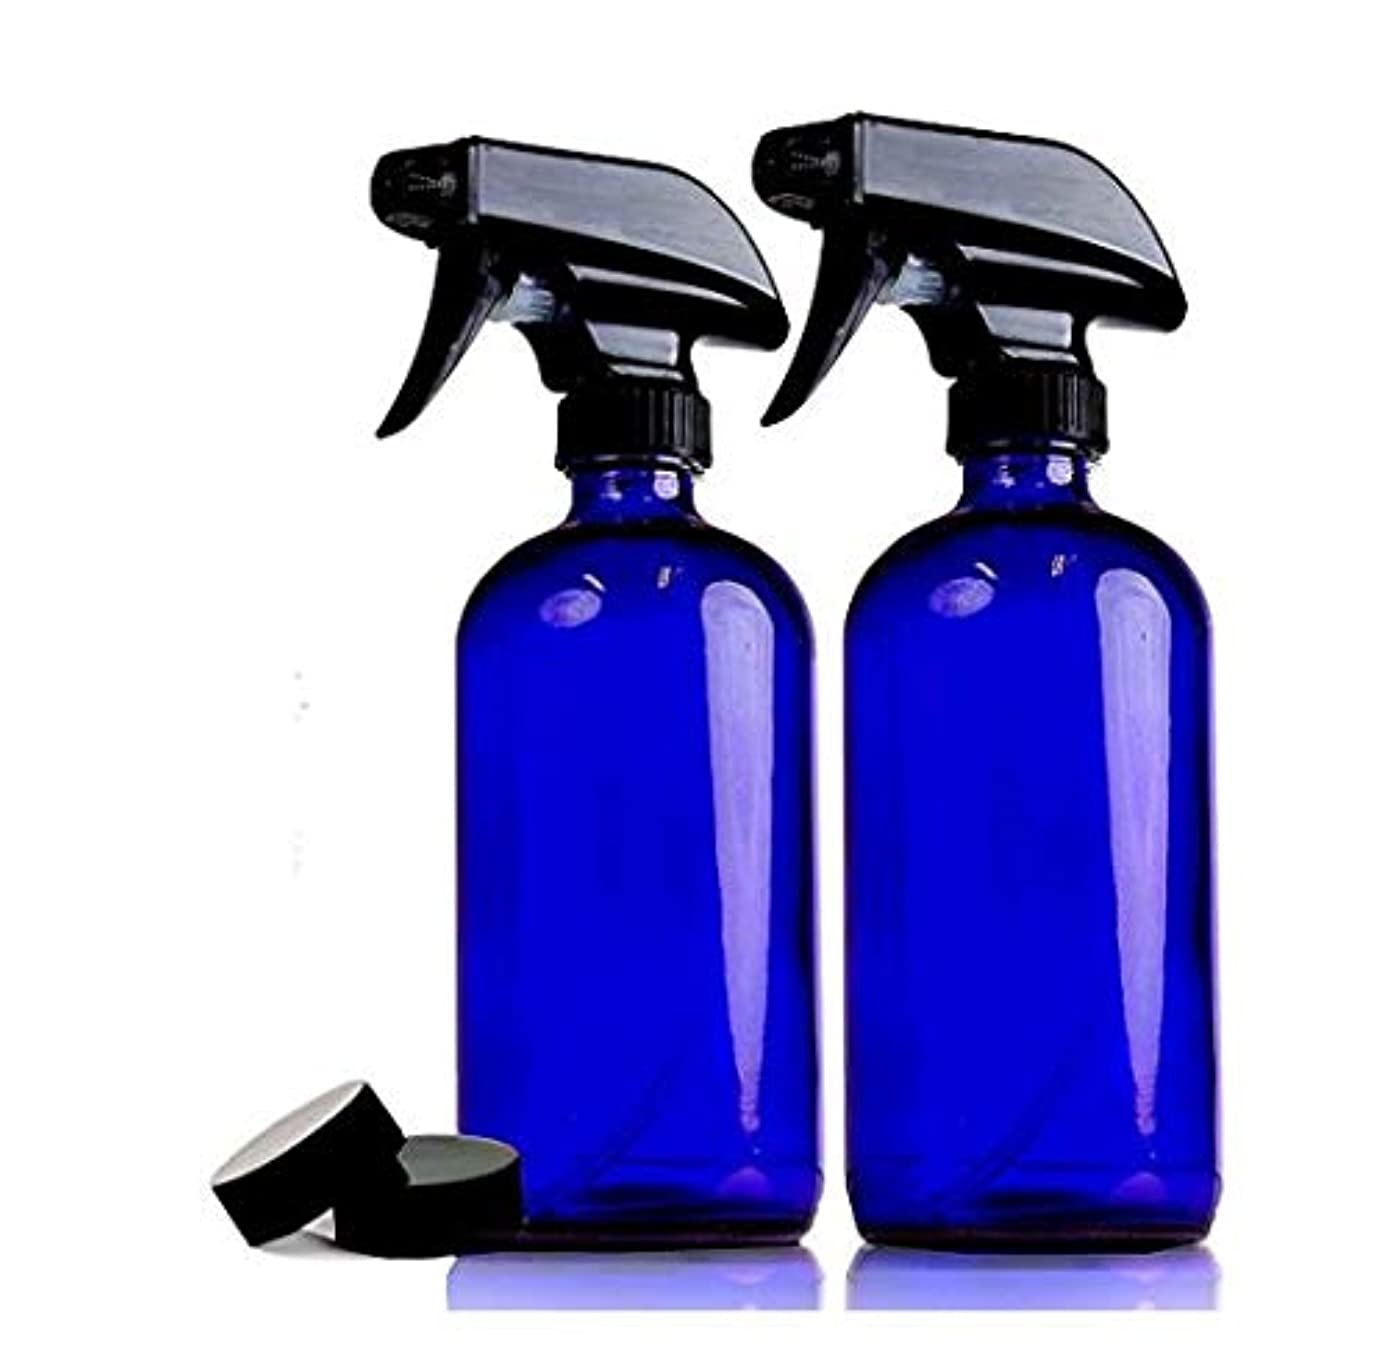 反毒はがきあいまいな2本セット 遮光瓶 コバルトブルー ガラス スプレー ボトル 470ml 青ボトル [並行輸入品]